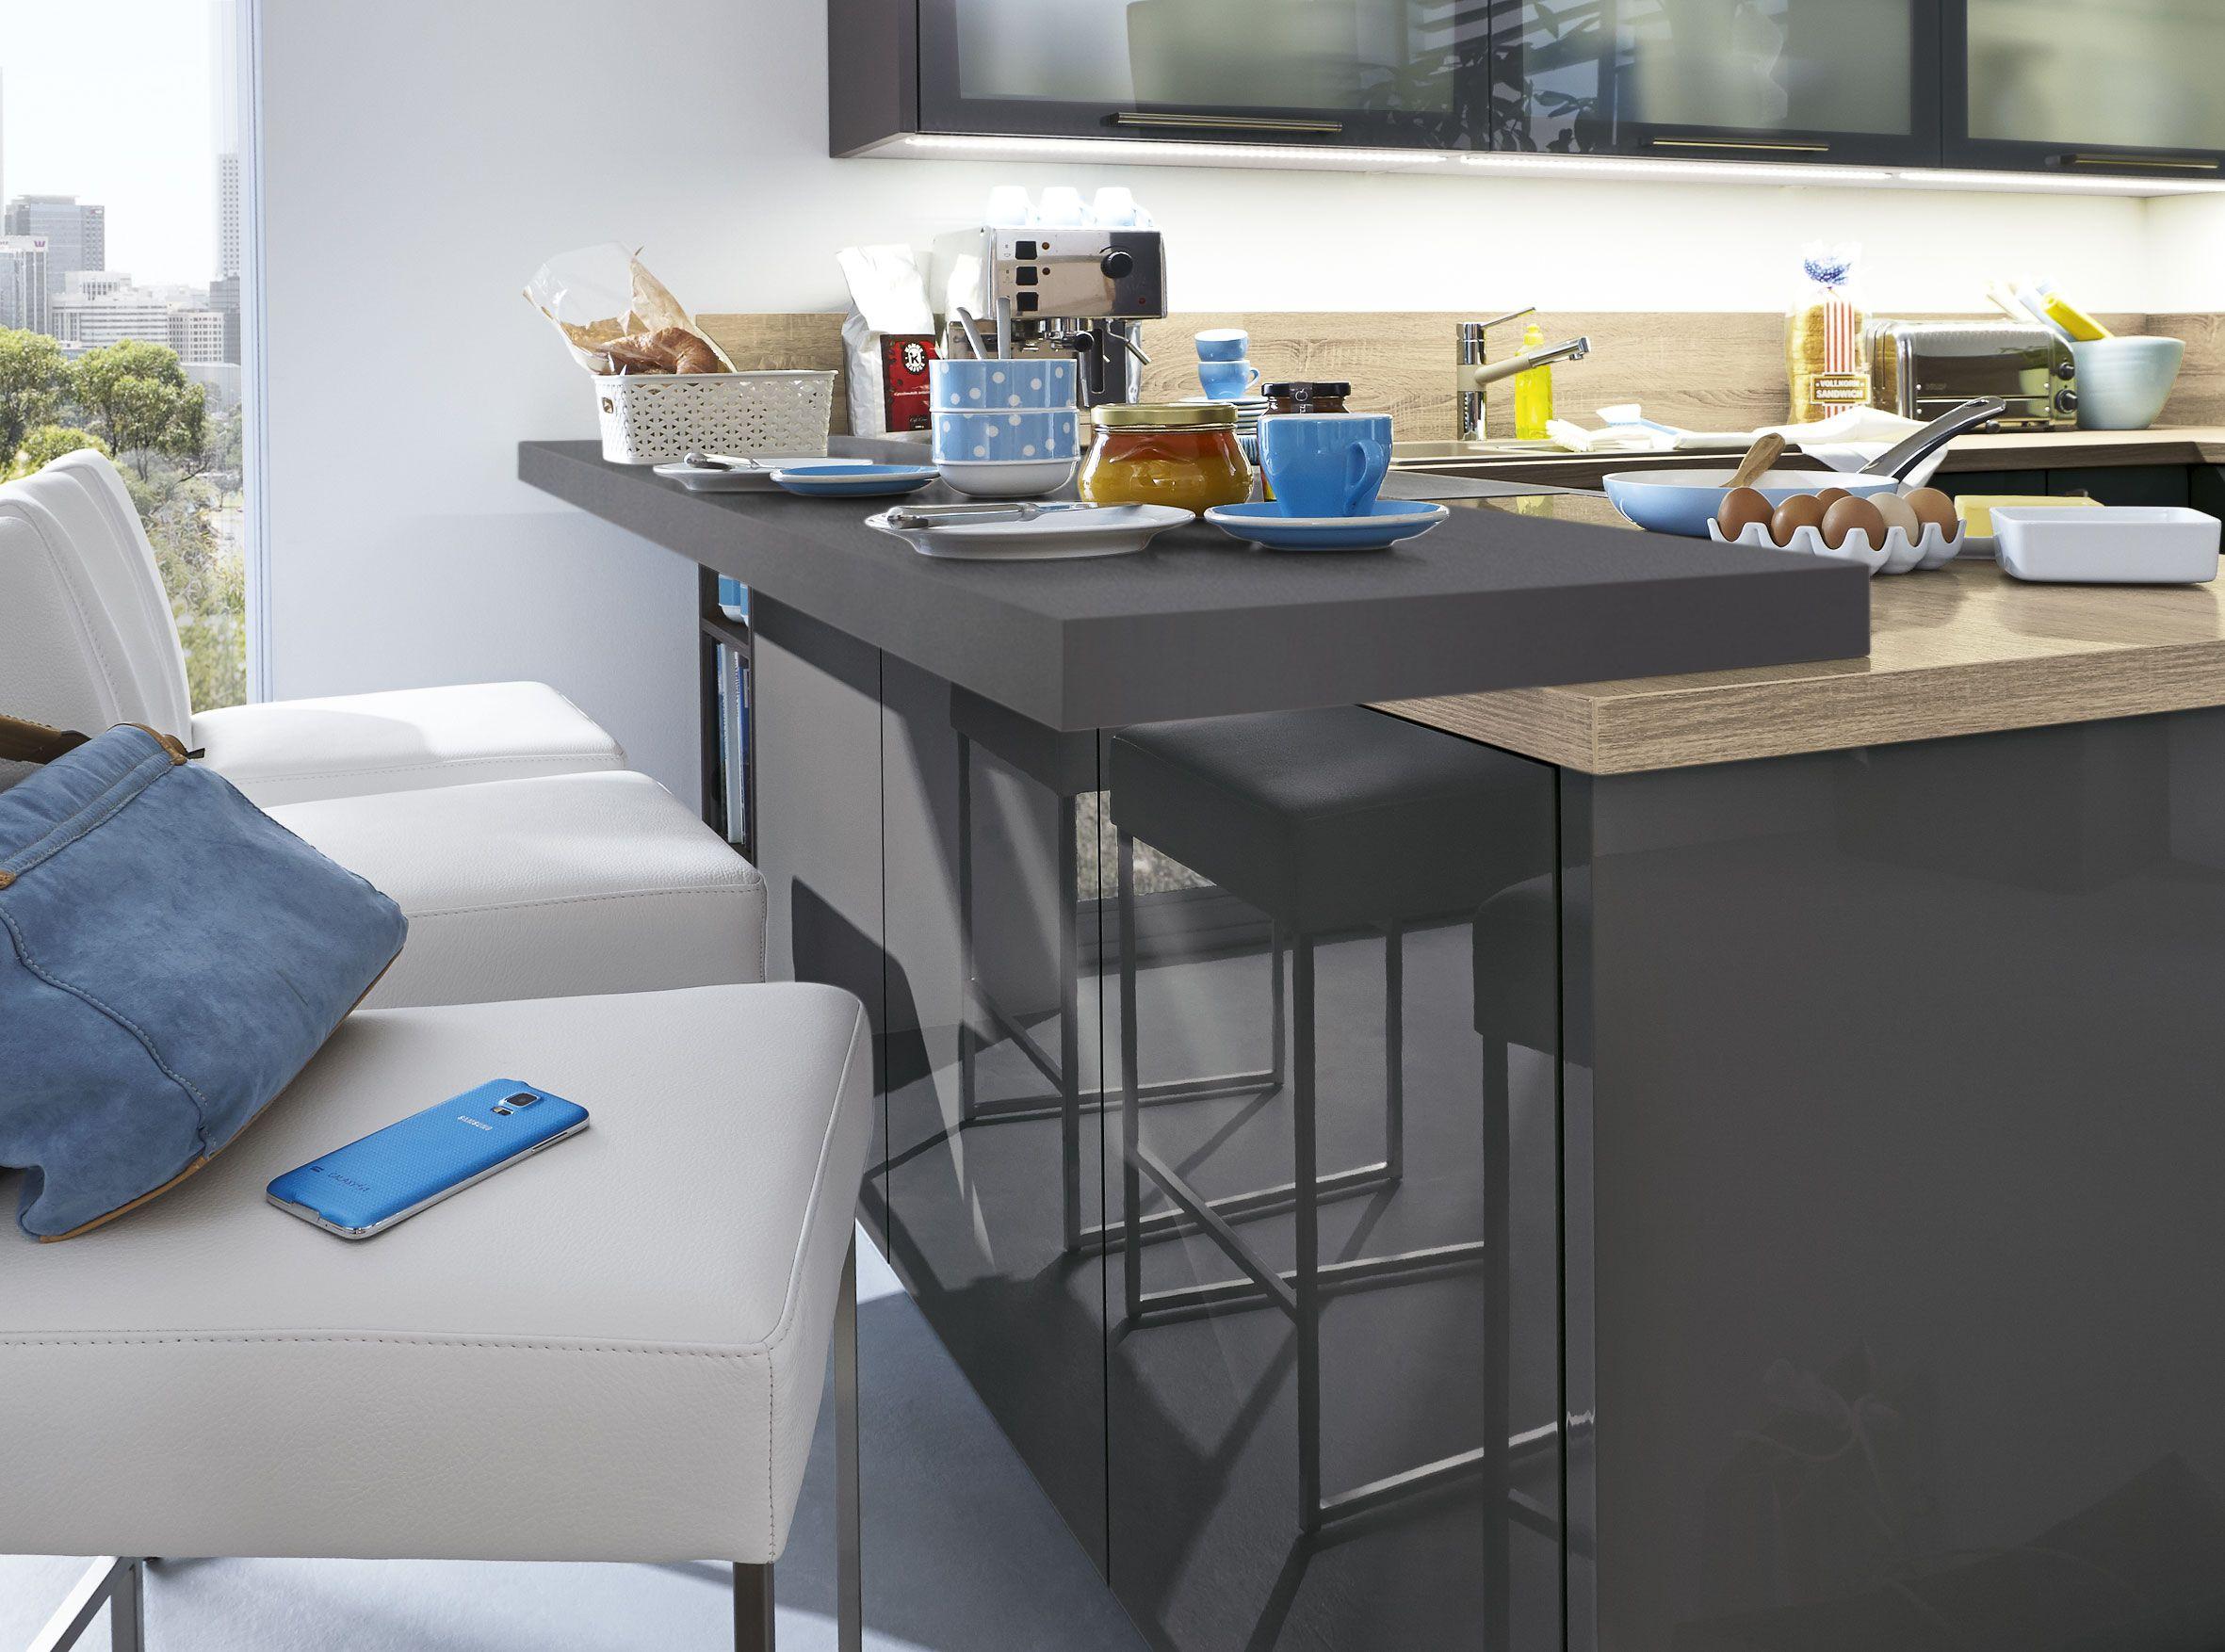 kücheninsel musterring stella2400 einbauküche grau hochglanz ...